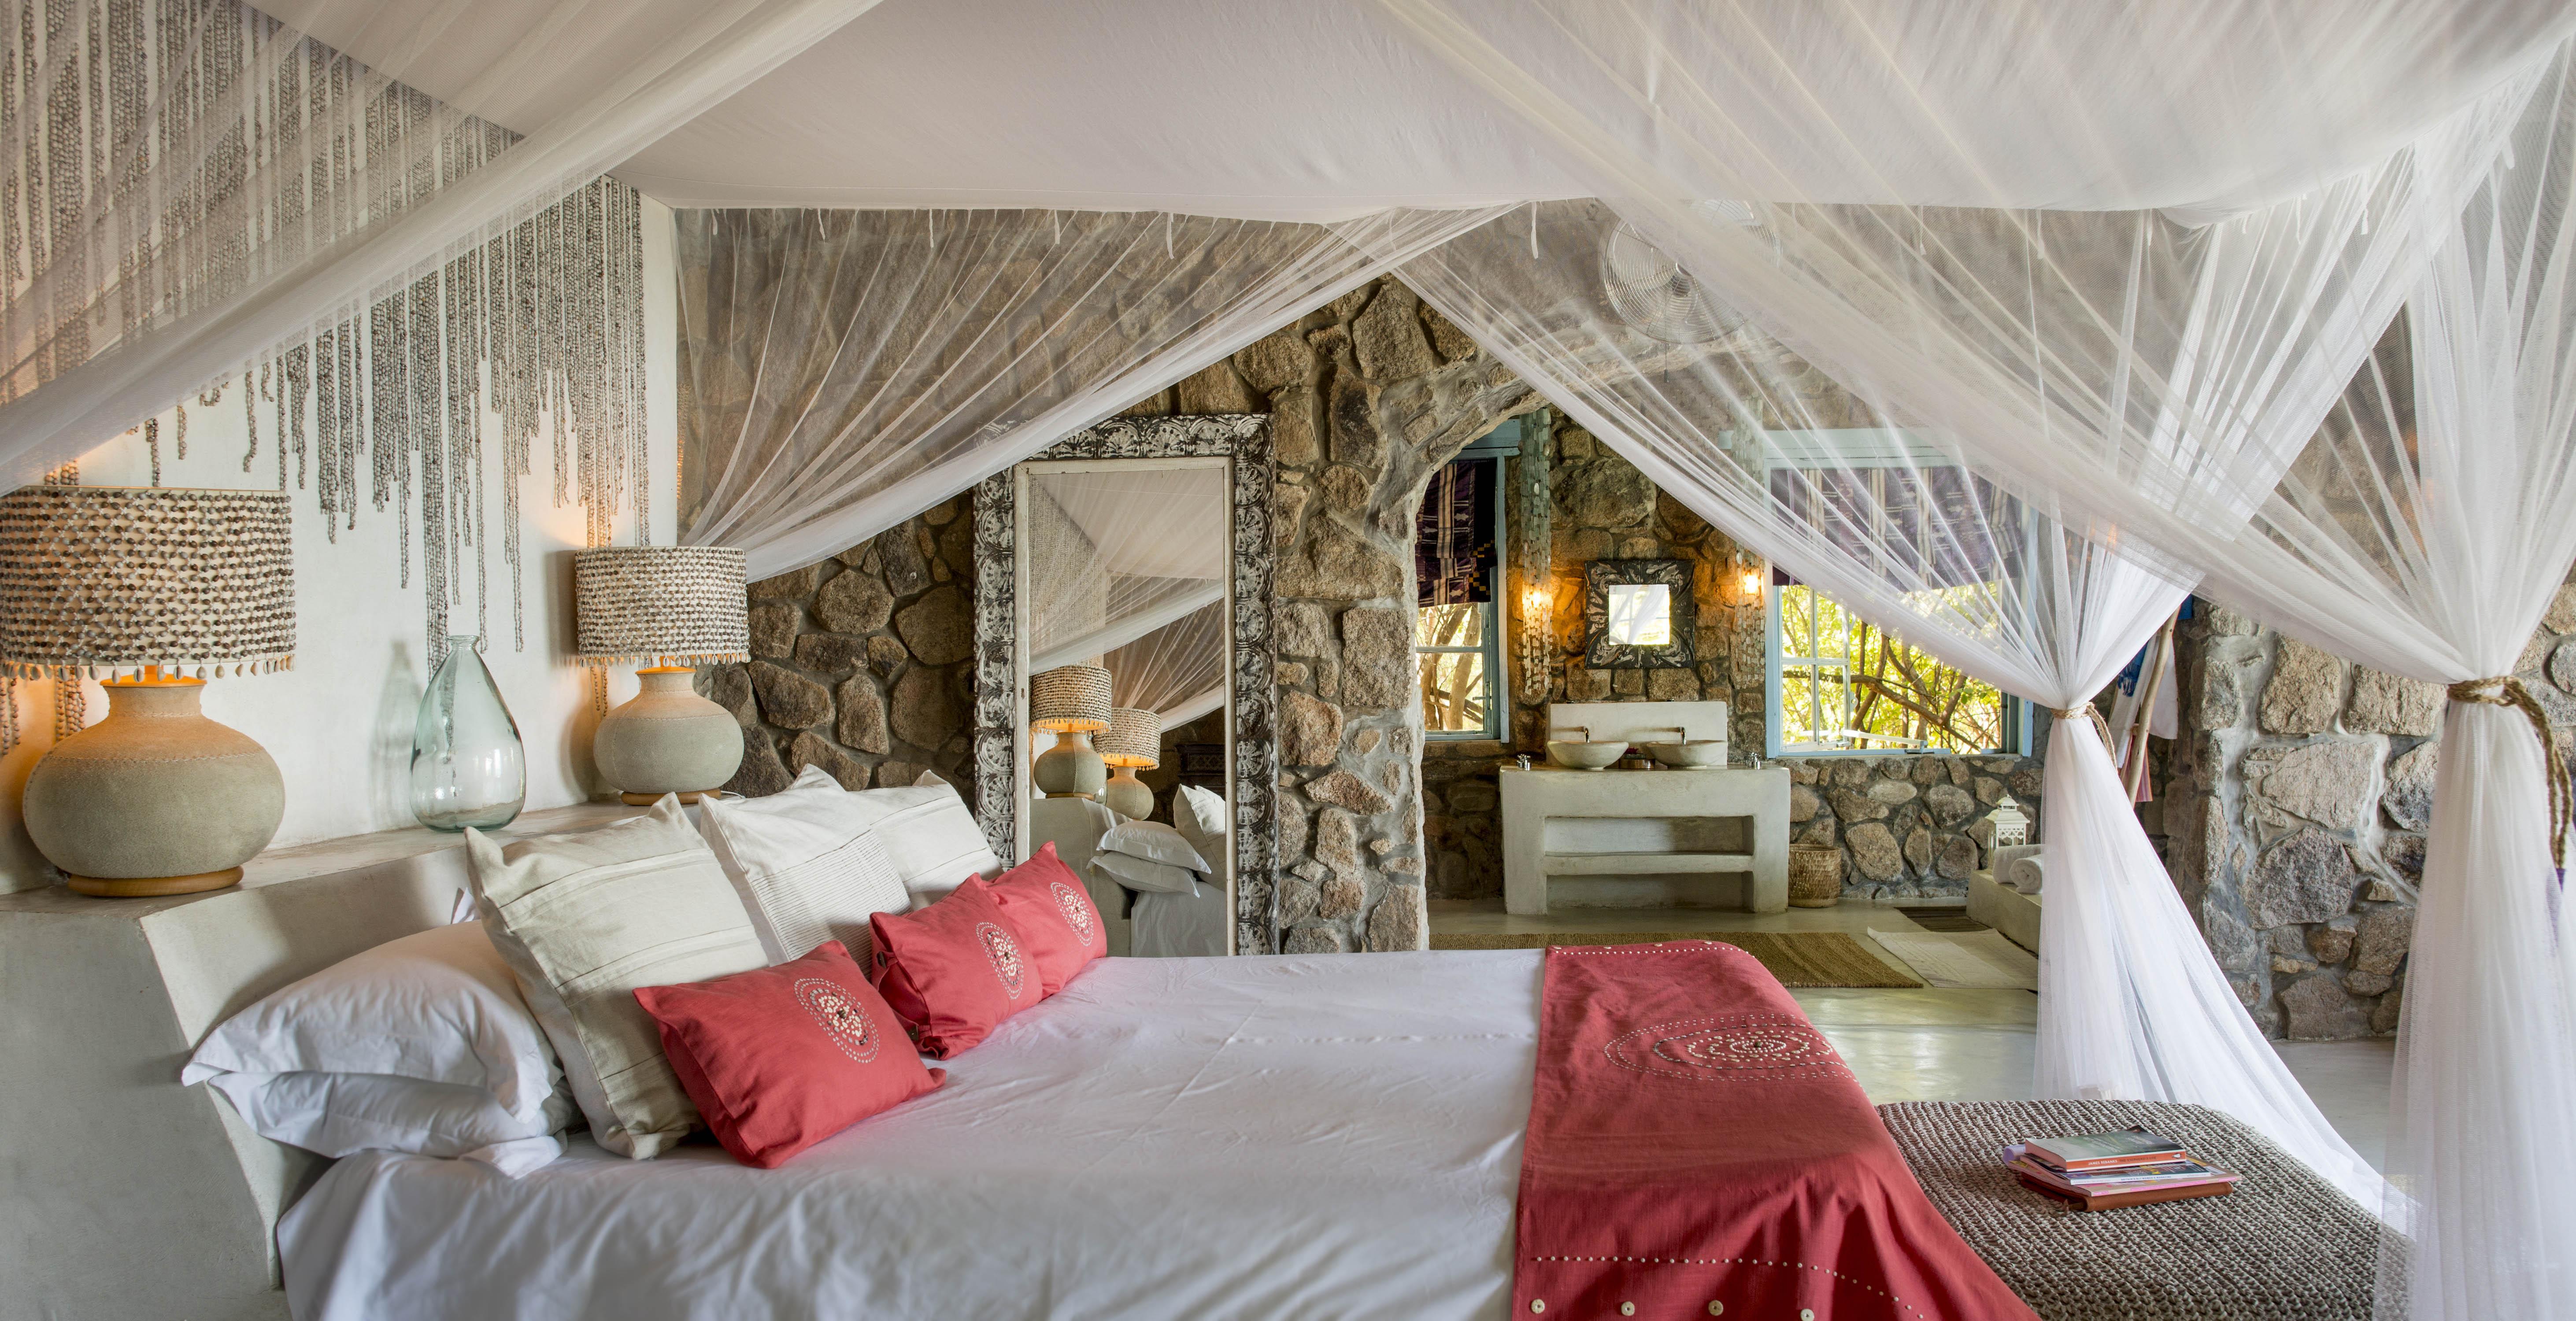 kaya mawa interiors beaded textiles bedthrow